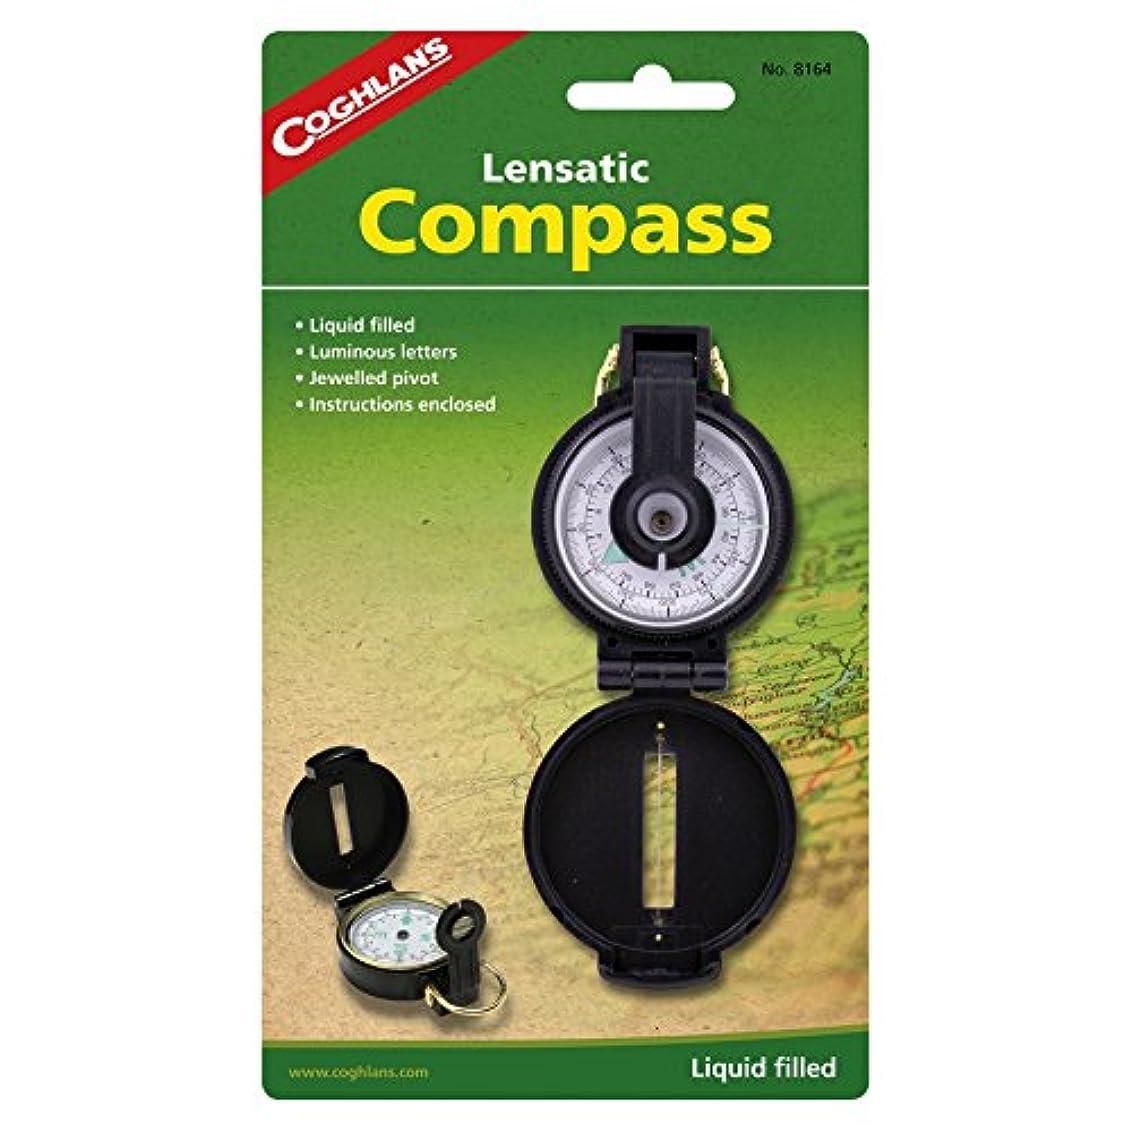 明るい苗作物Coghlans Lensatic Compass Liquid Filled For Fast Readability With Sturdy Plas... by Coghlans